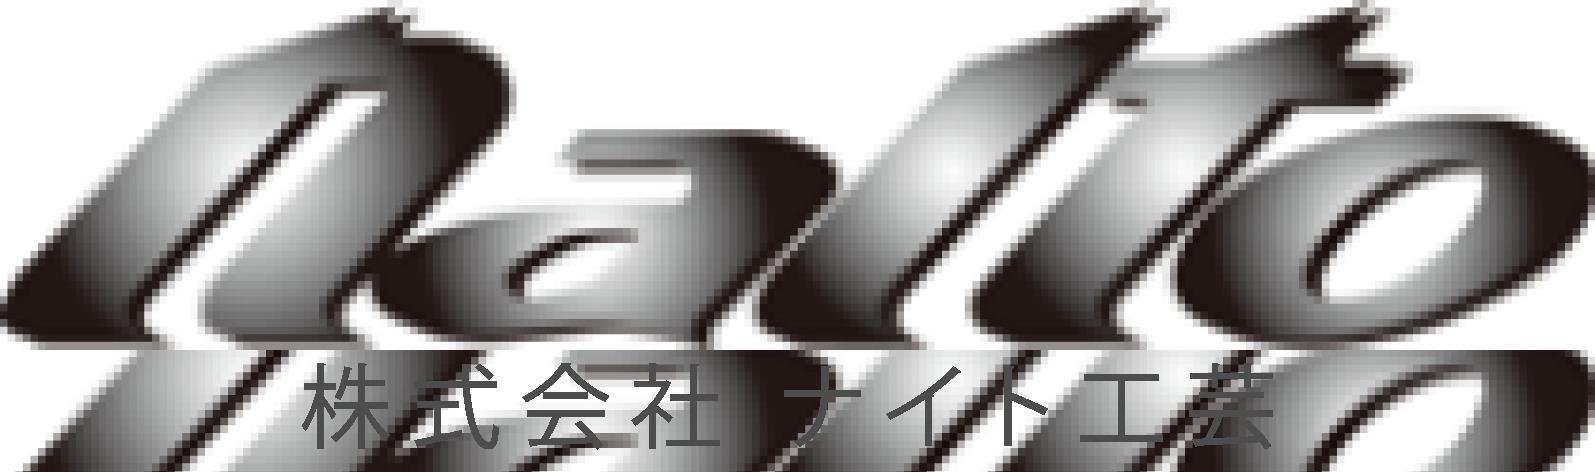 株式会社ナイト工芸